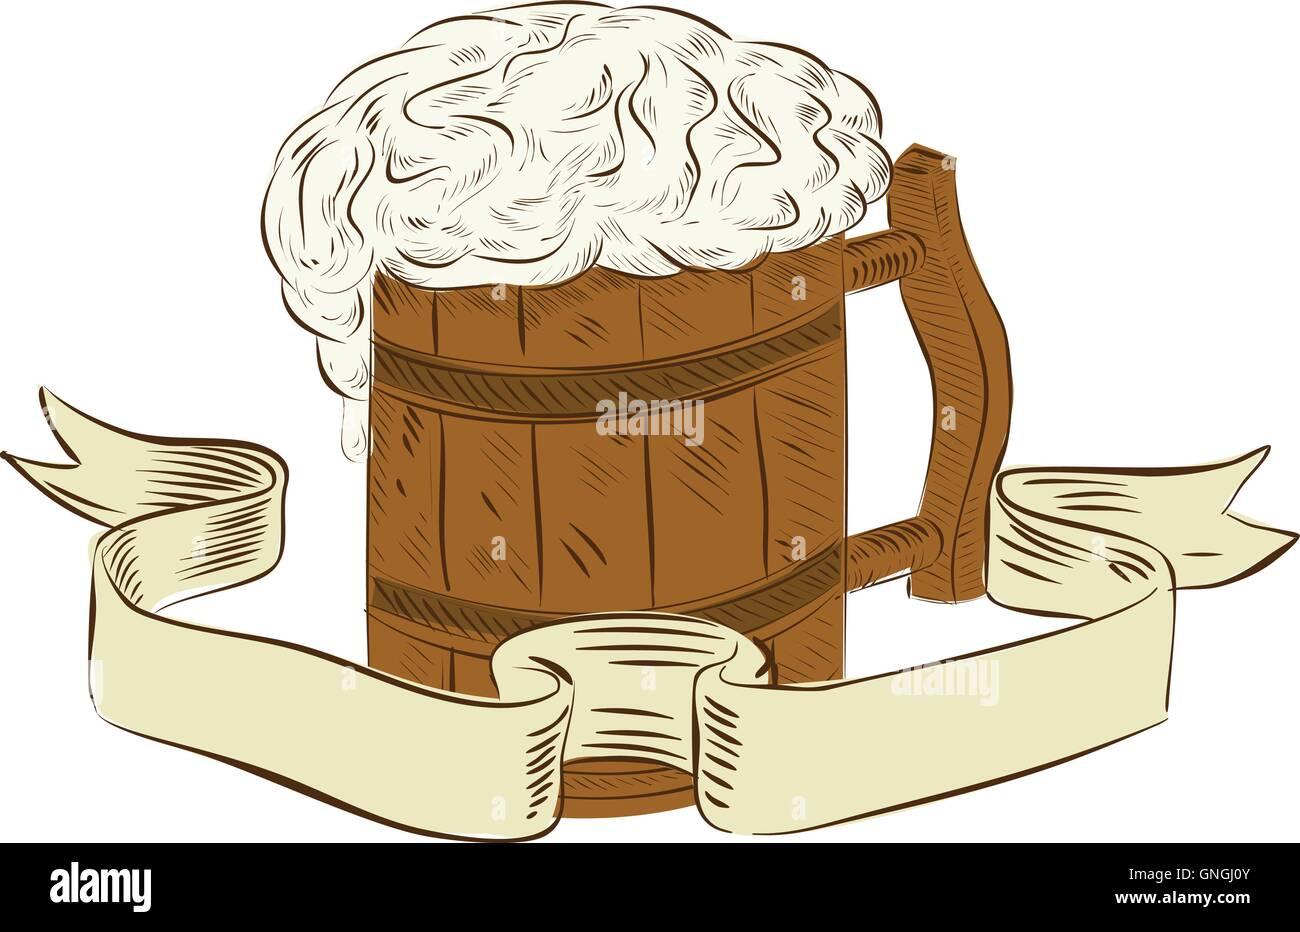 Medieval Boccale Di Birra Disegno Di Schiuma Illustrazione